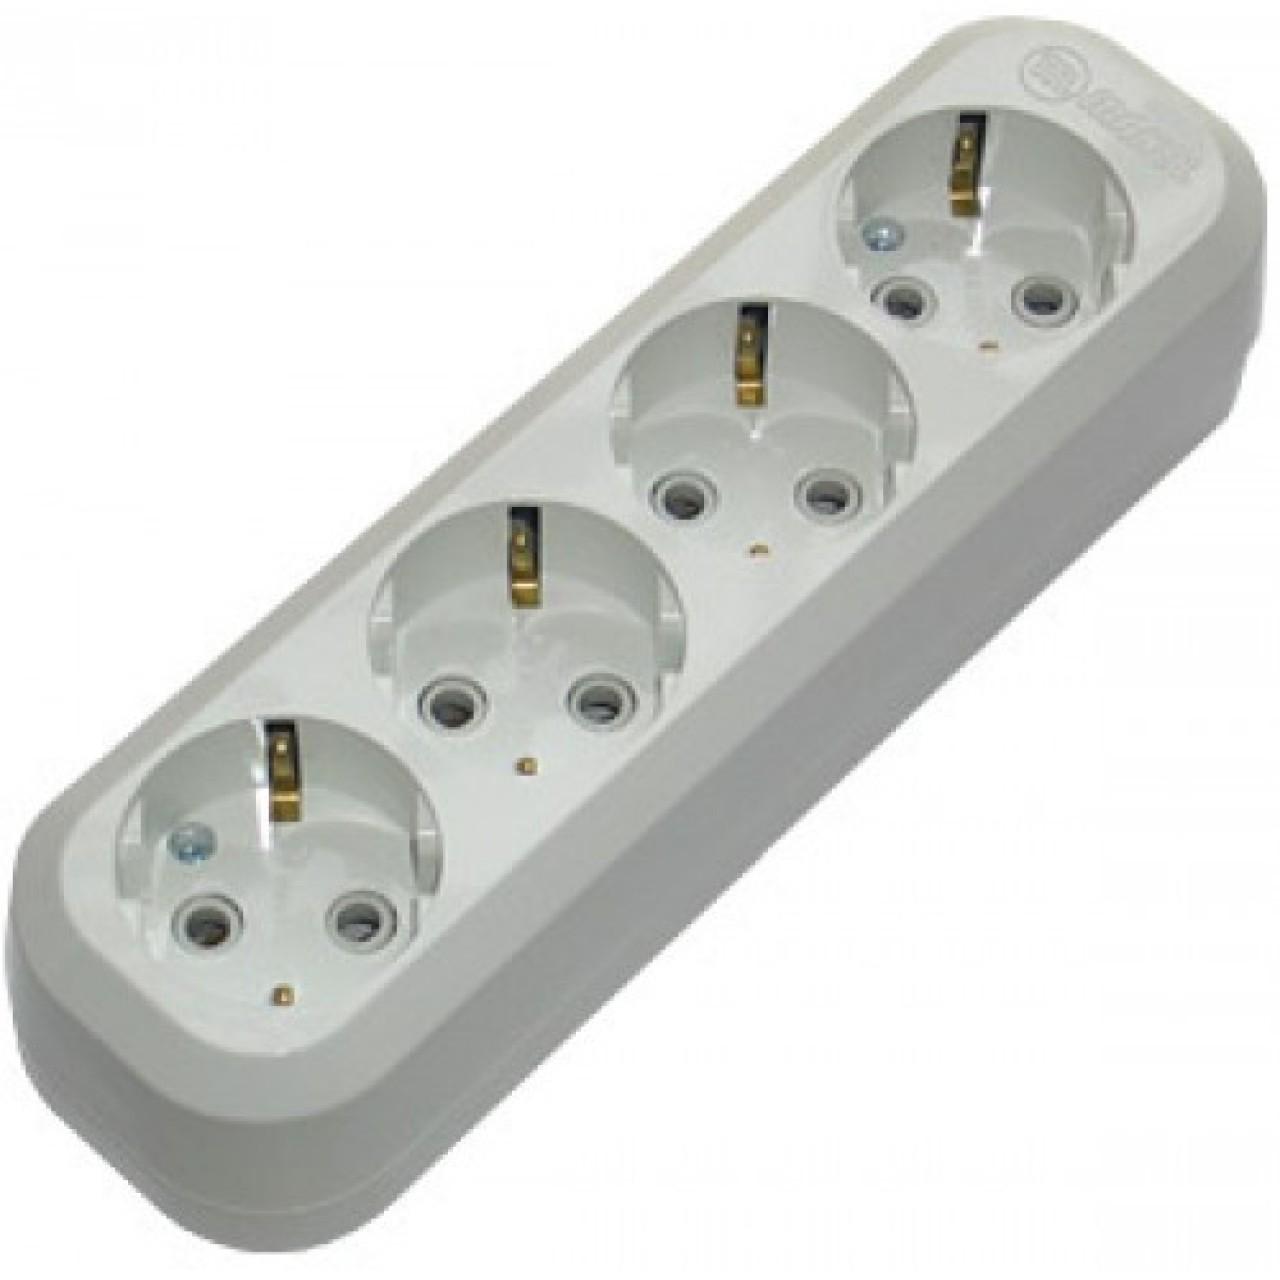 MAKEL - Основа за разклонител 4 гнезда без кабел MGP151